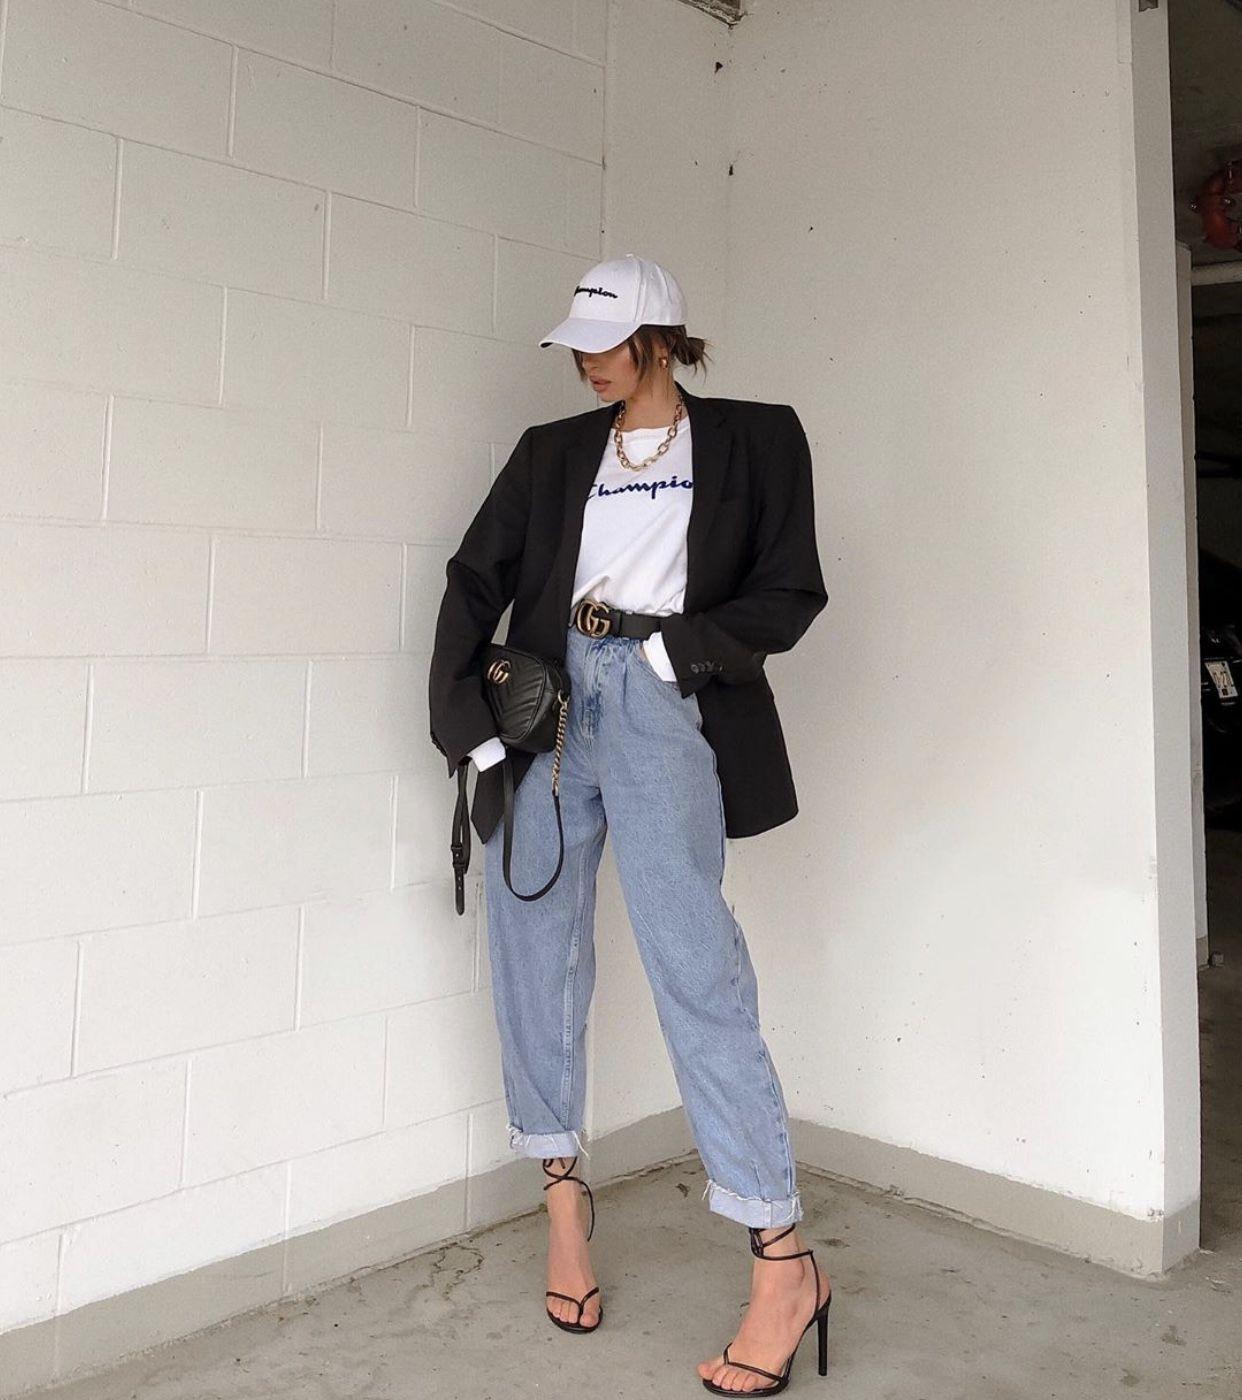 Áo blazer phối cùng áo thun và quần jeans đi cùng mũ lưỡi trai phong cách athleisure